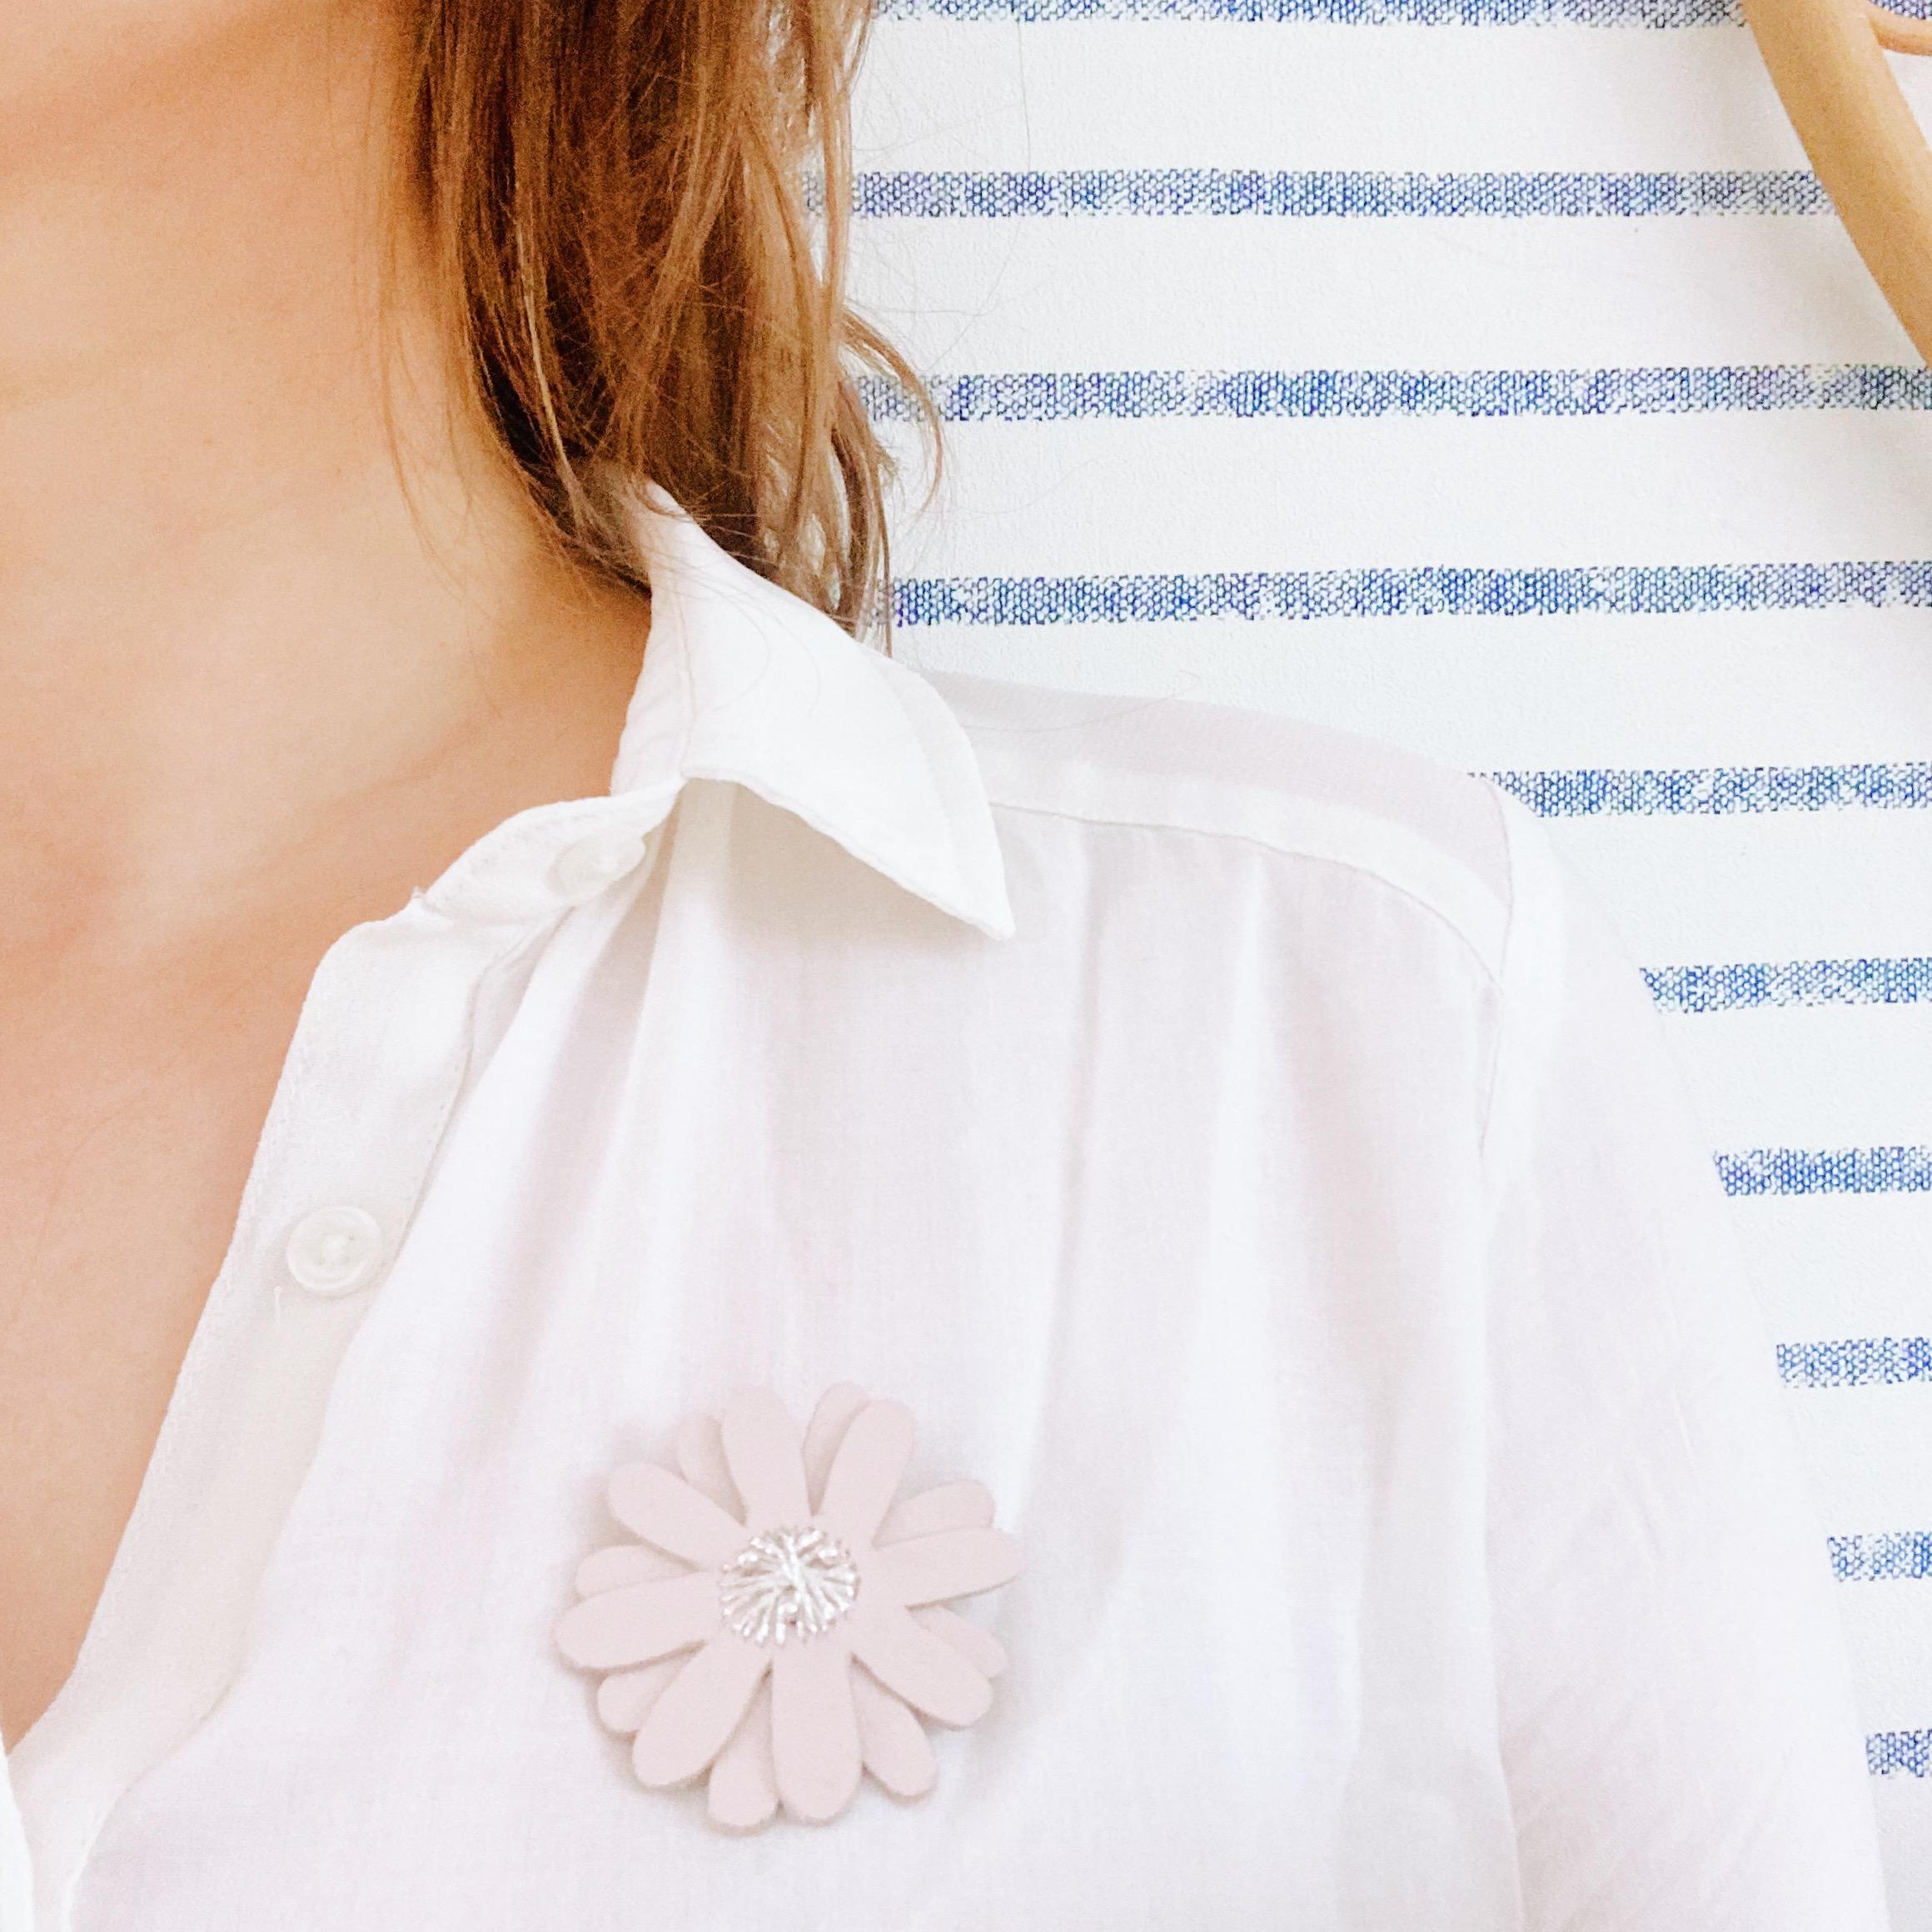 broche-florale-brodee-marguerite-bijou-createur-pieces-uniques-en-cuir-du-vent-dans-mes-valises